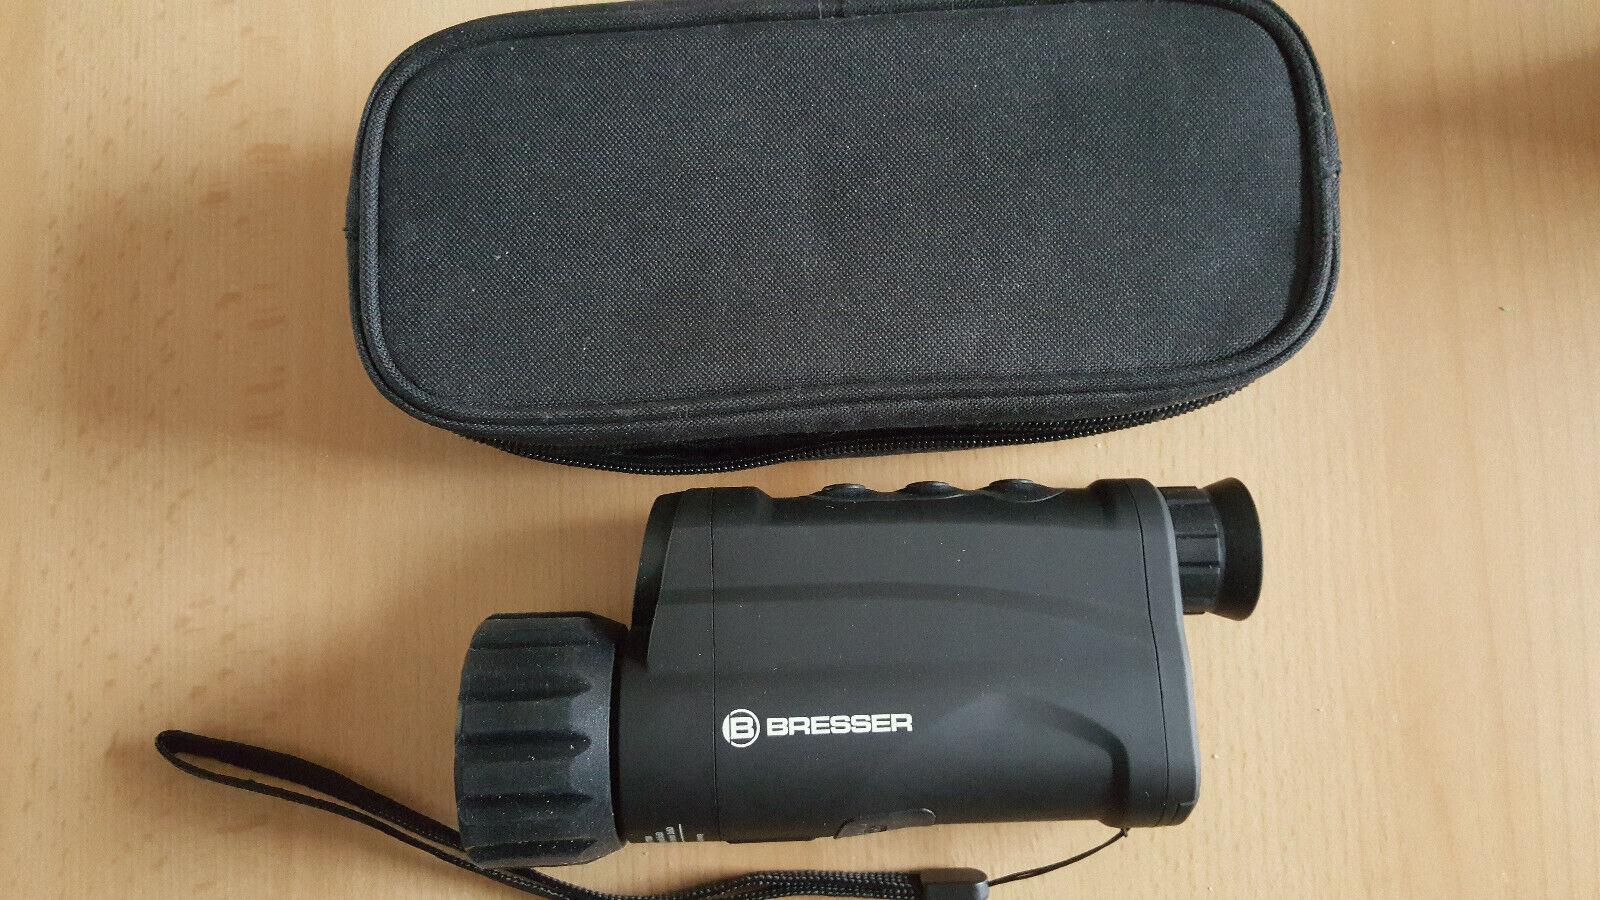 Nachtsichtgerät Bresser 5x50